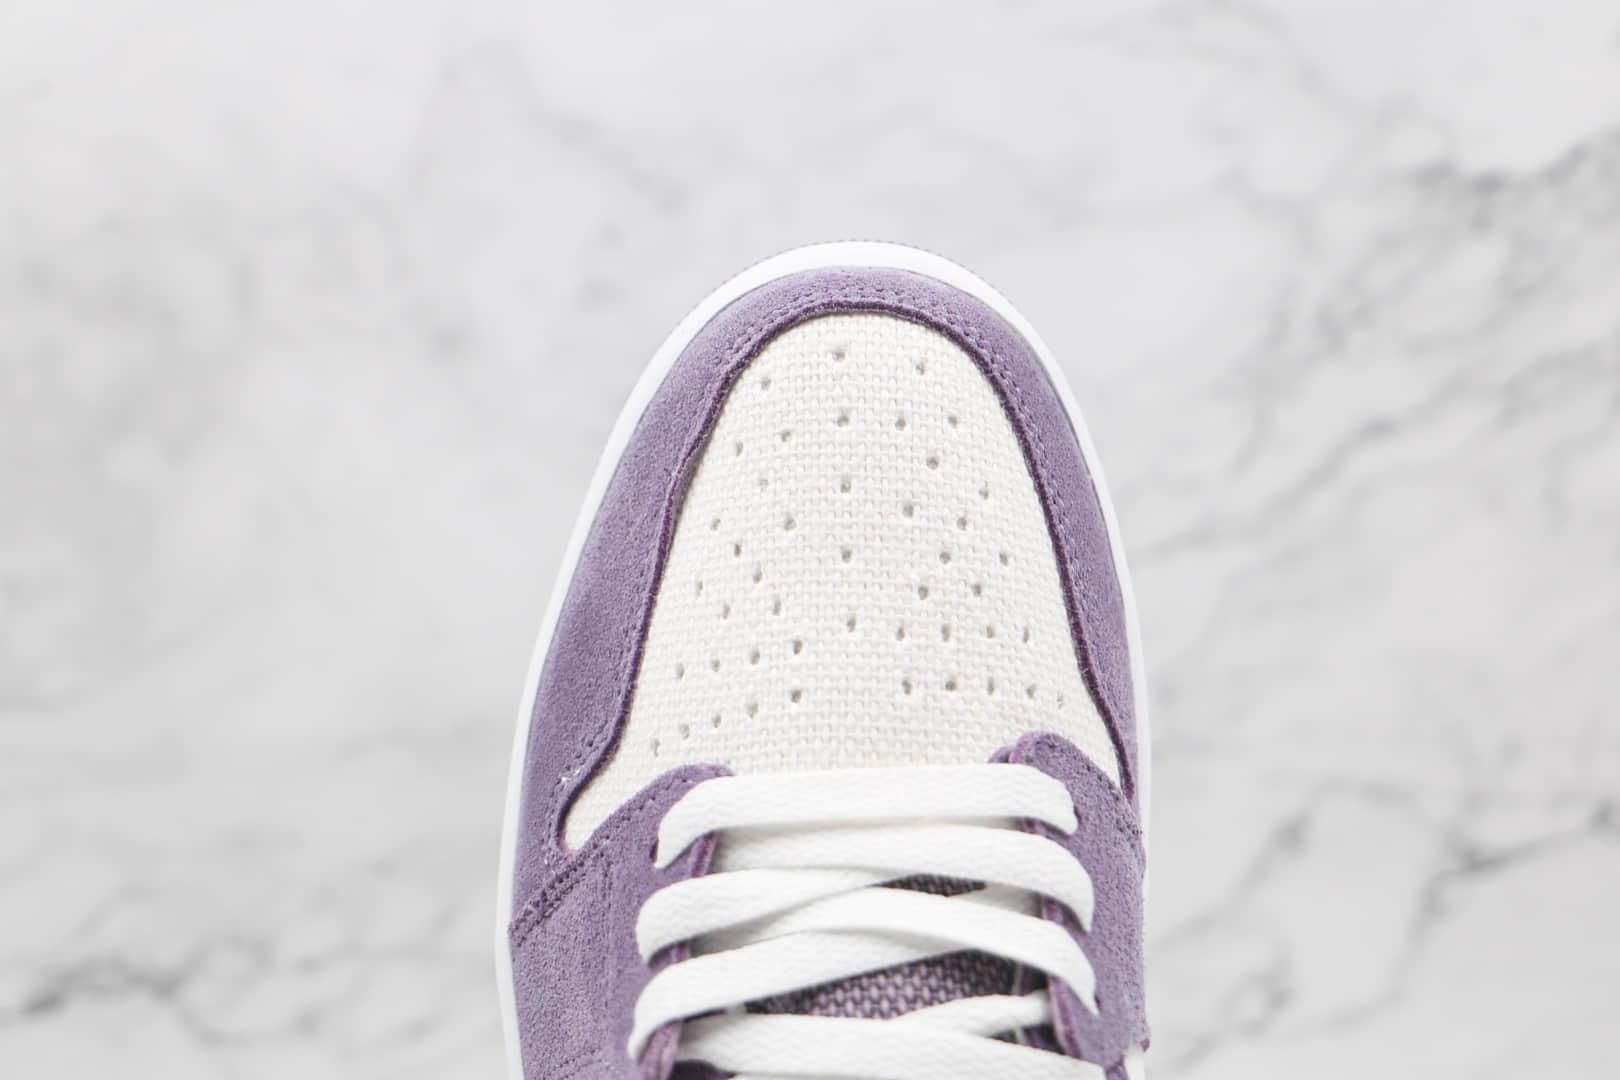 乔丹Air Jordan 1 Zoom Comfort Tropical Twist纯原版本高帮AJ1 Zoom帆布黎明白紫绿色板鞋原鞋开模 货号:CT0978-150